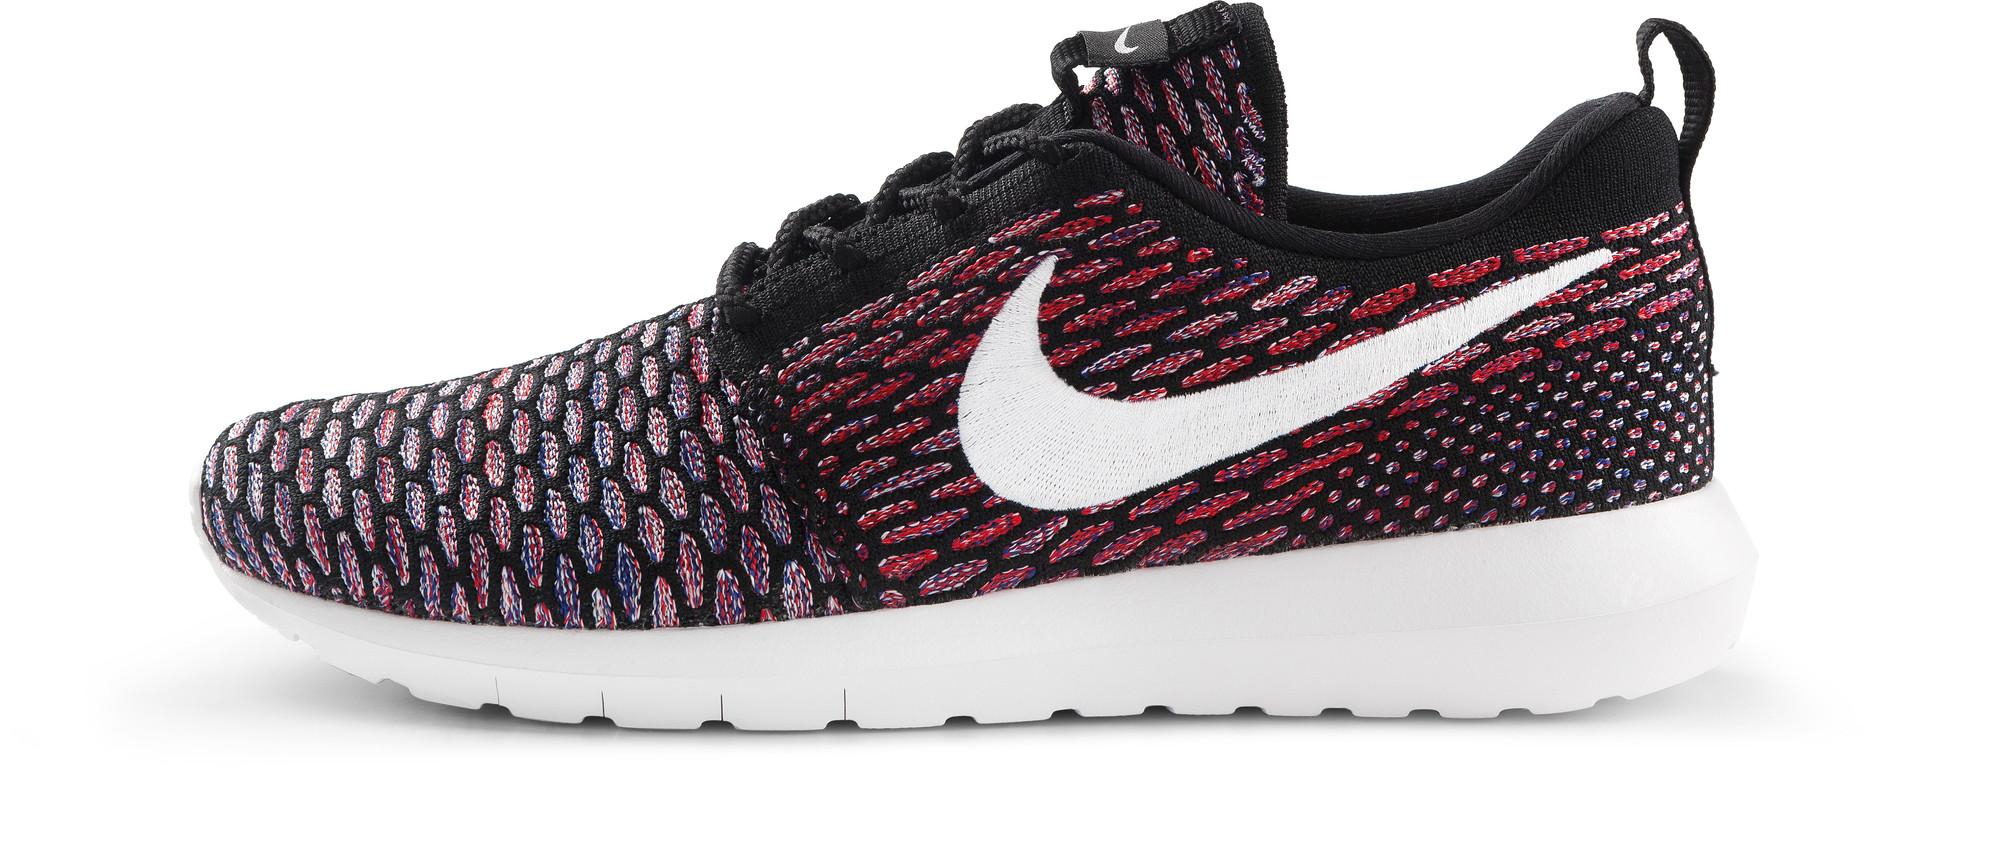 RS114927_Foot Locker_Nike_Roshe_NM_Flyknit_black_white_university-red-lpr